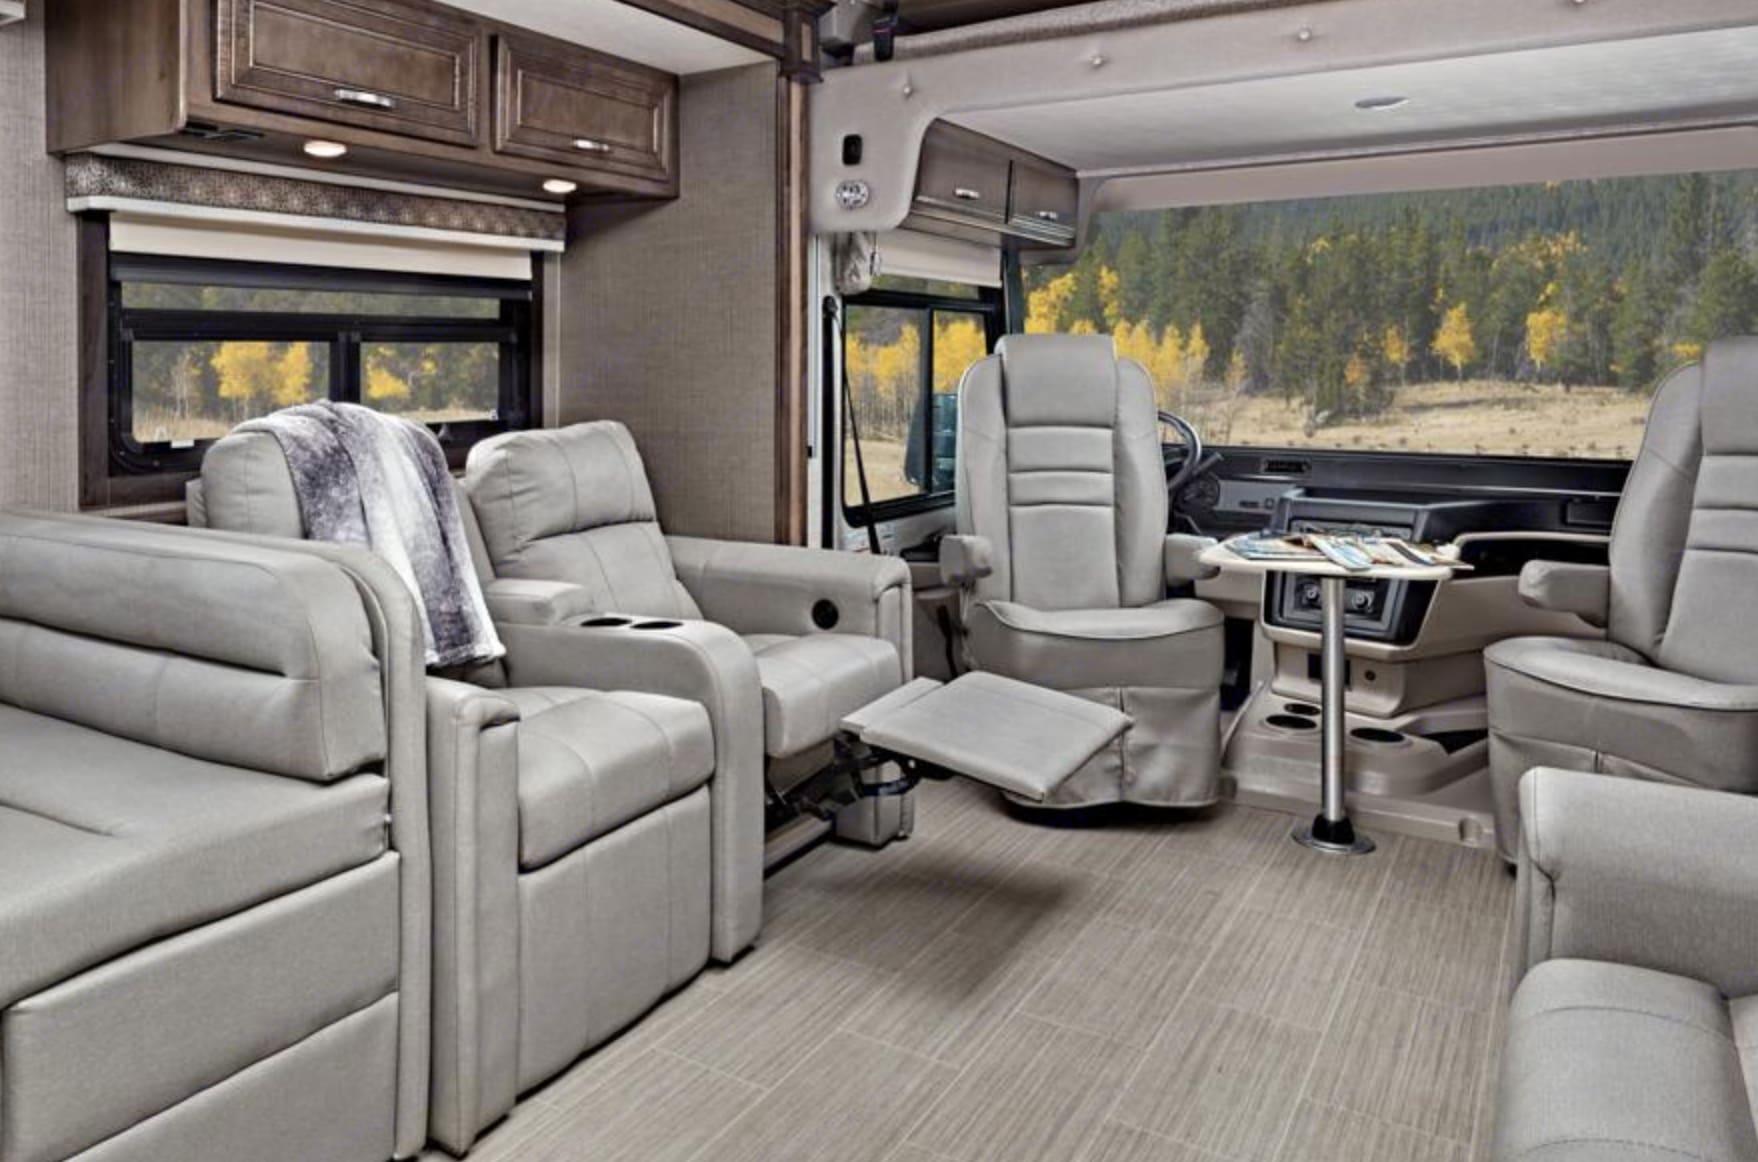 Entegra Coach Vision XL 2021